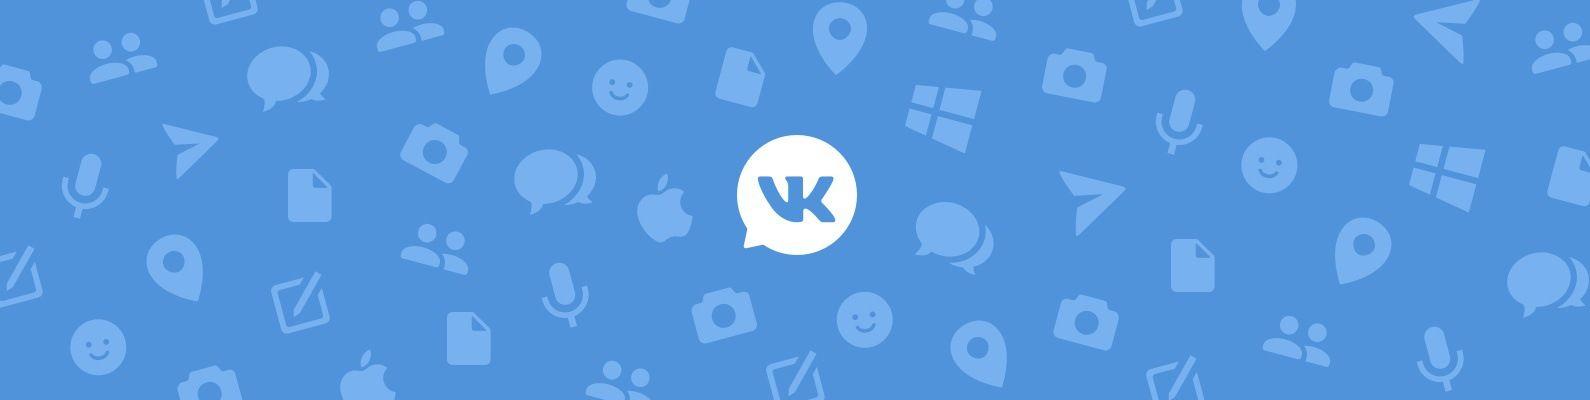 Продвижение ВКонтакте. Накрутка ВКонтакте. Продвижение вк. Смм продвижение вконтакте. Раскрутка вк. Сайт для раскрутки вк.